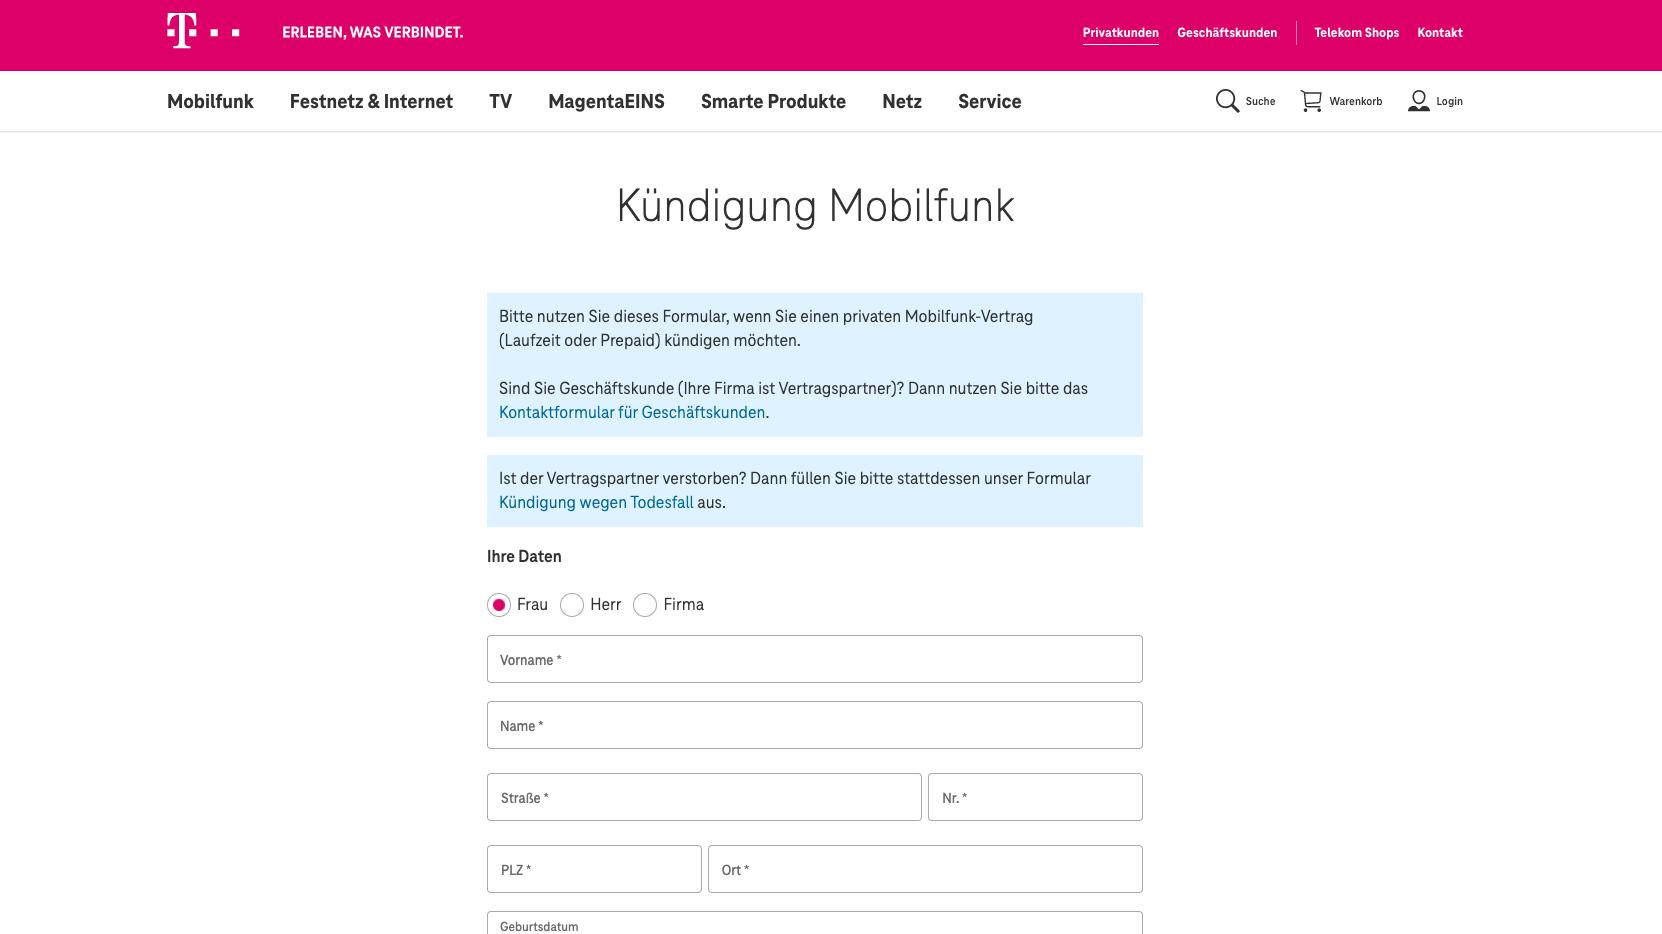 Vertrag bei T-Mobile kündigen